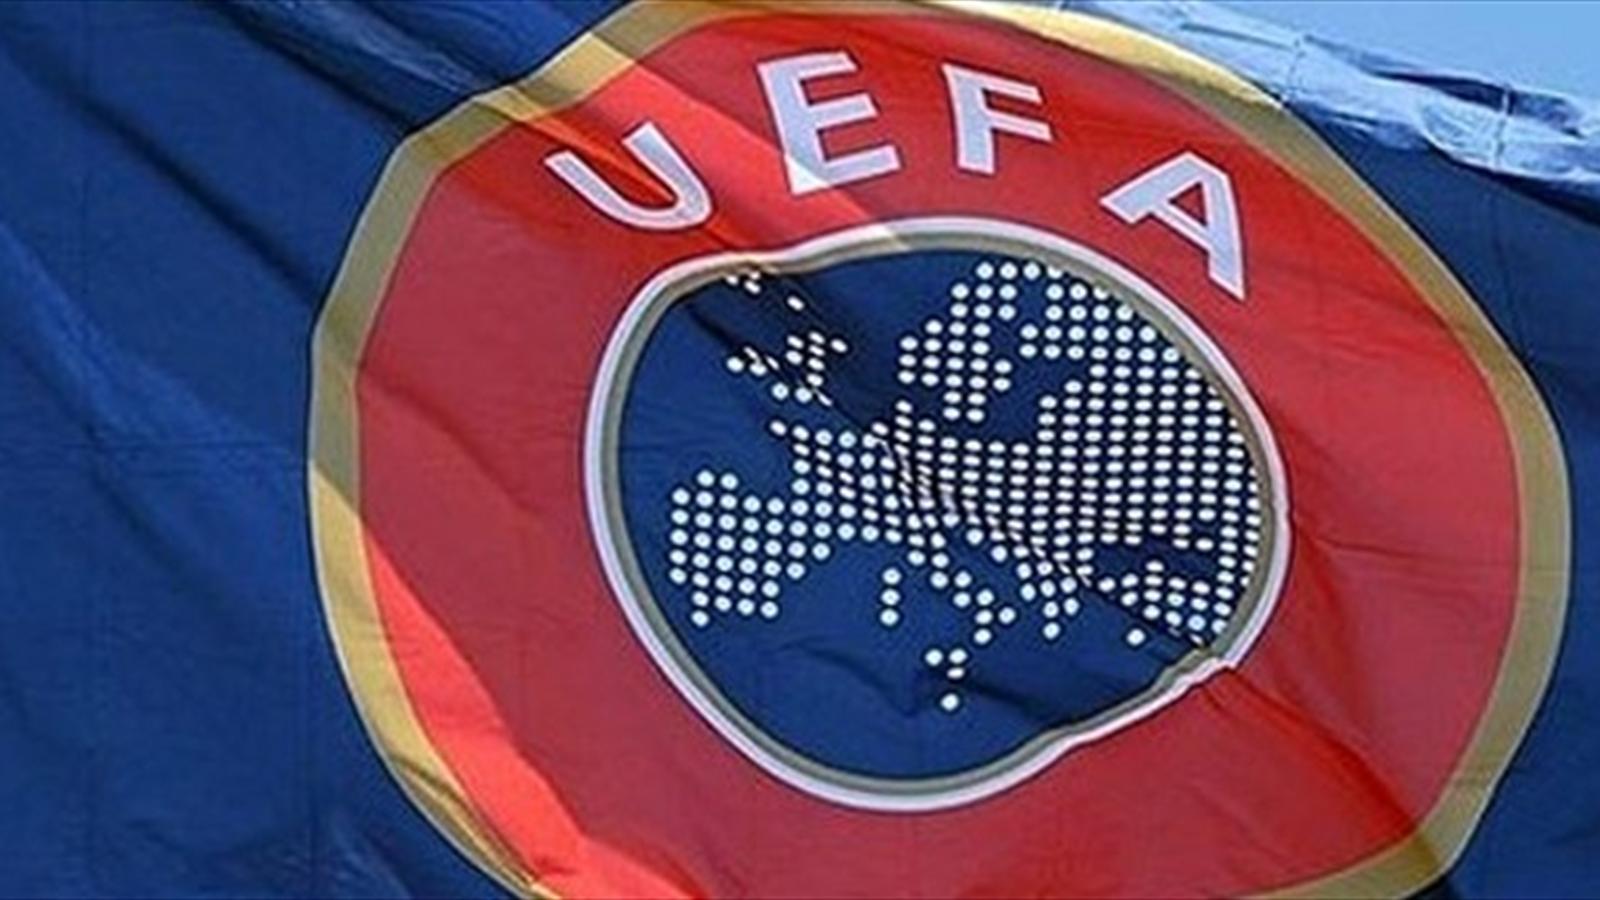 L'UEFA fait savoir qu'elle pourrait rouvrir des enquêtes dans le cadre du Fair-Play Financier